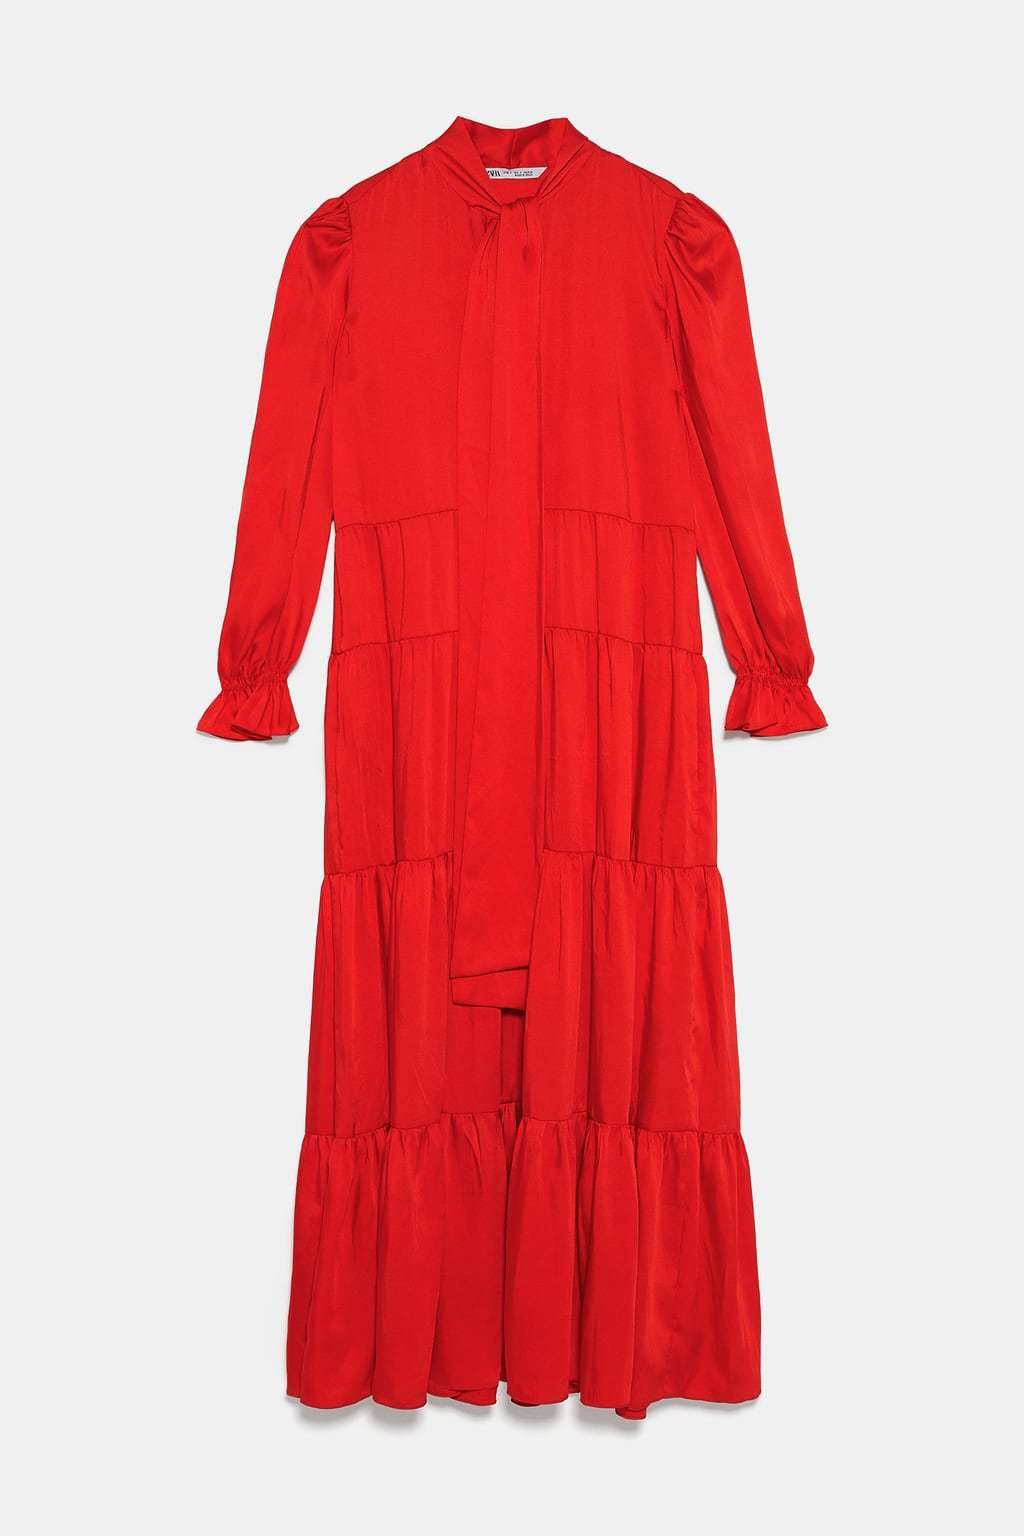 El vestido de Zara cuesta 49,95 euros.